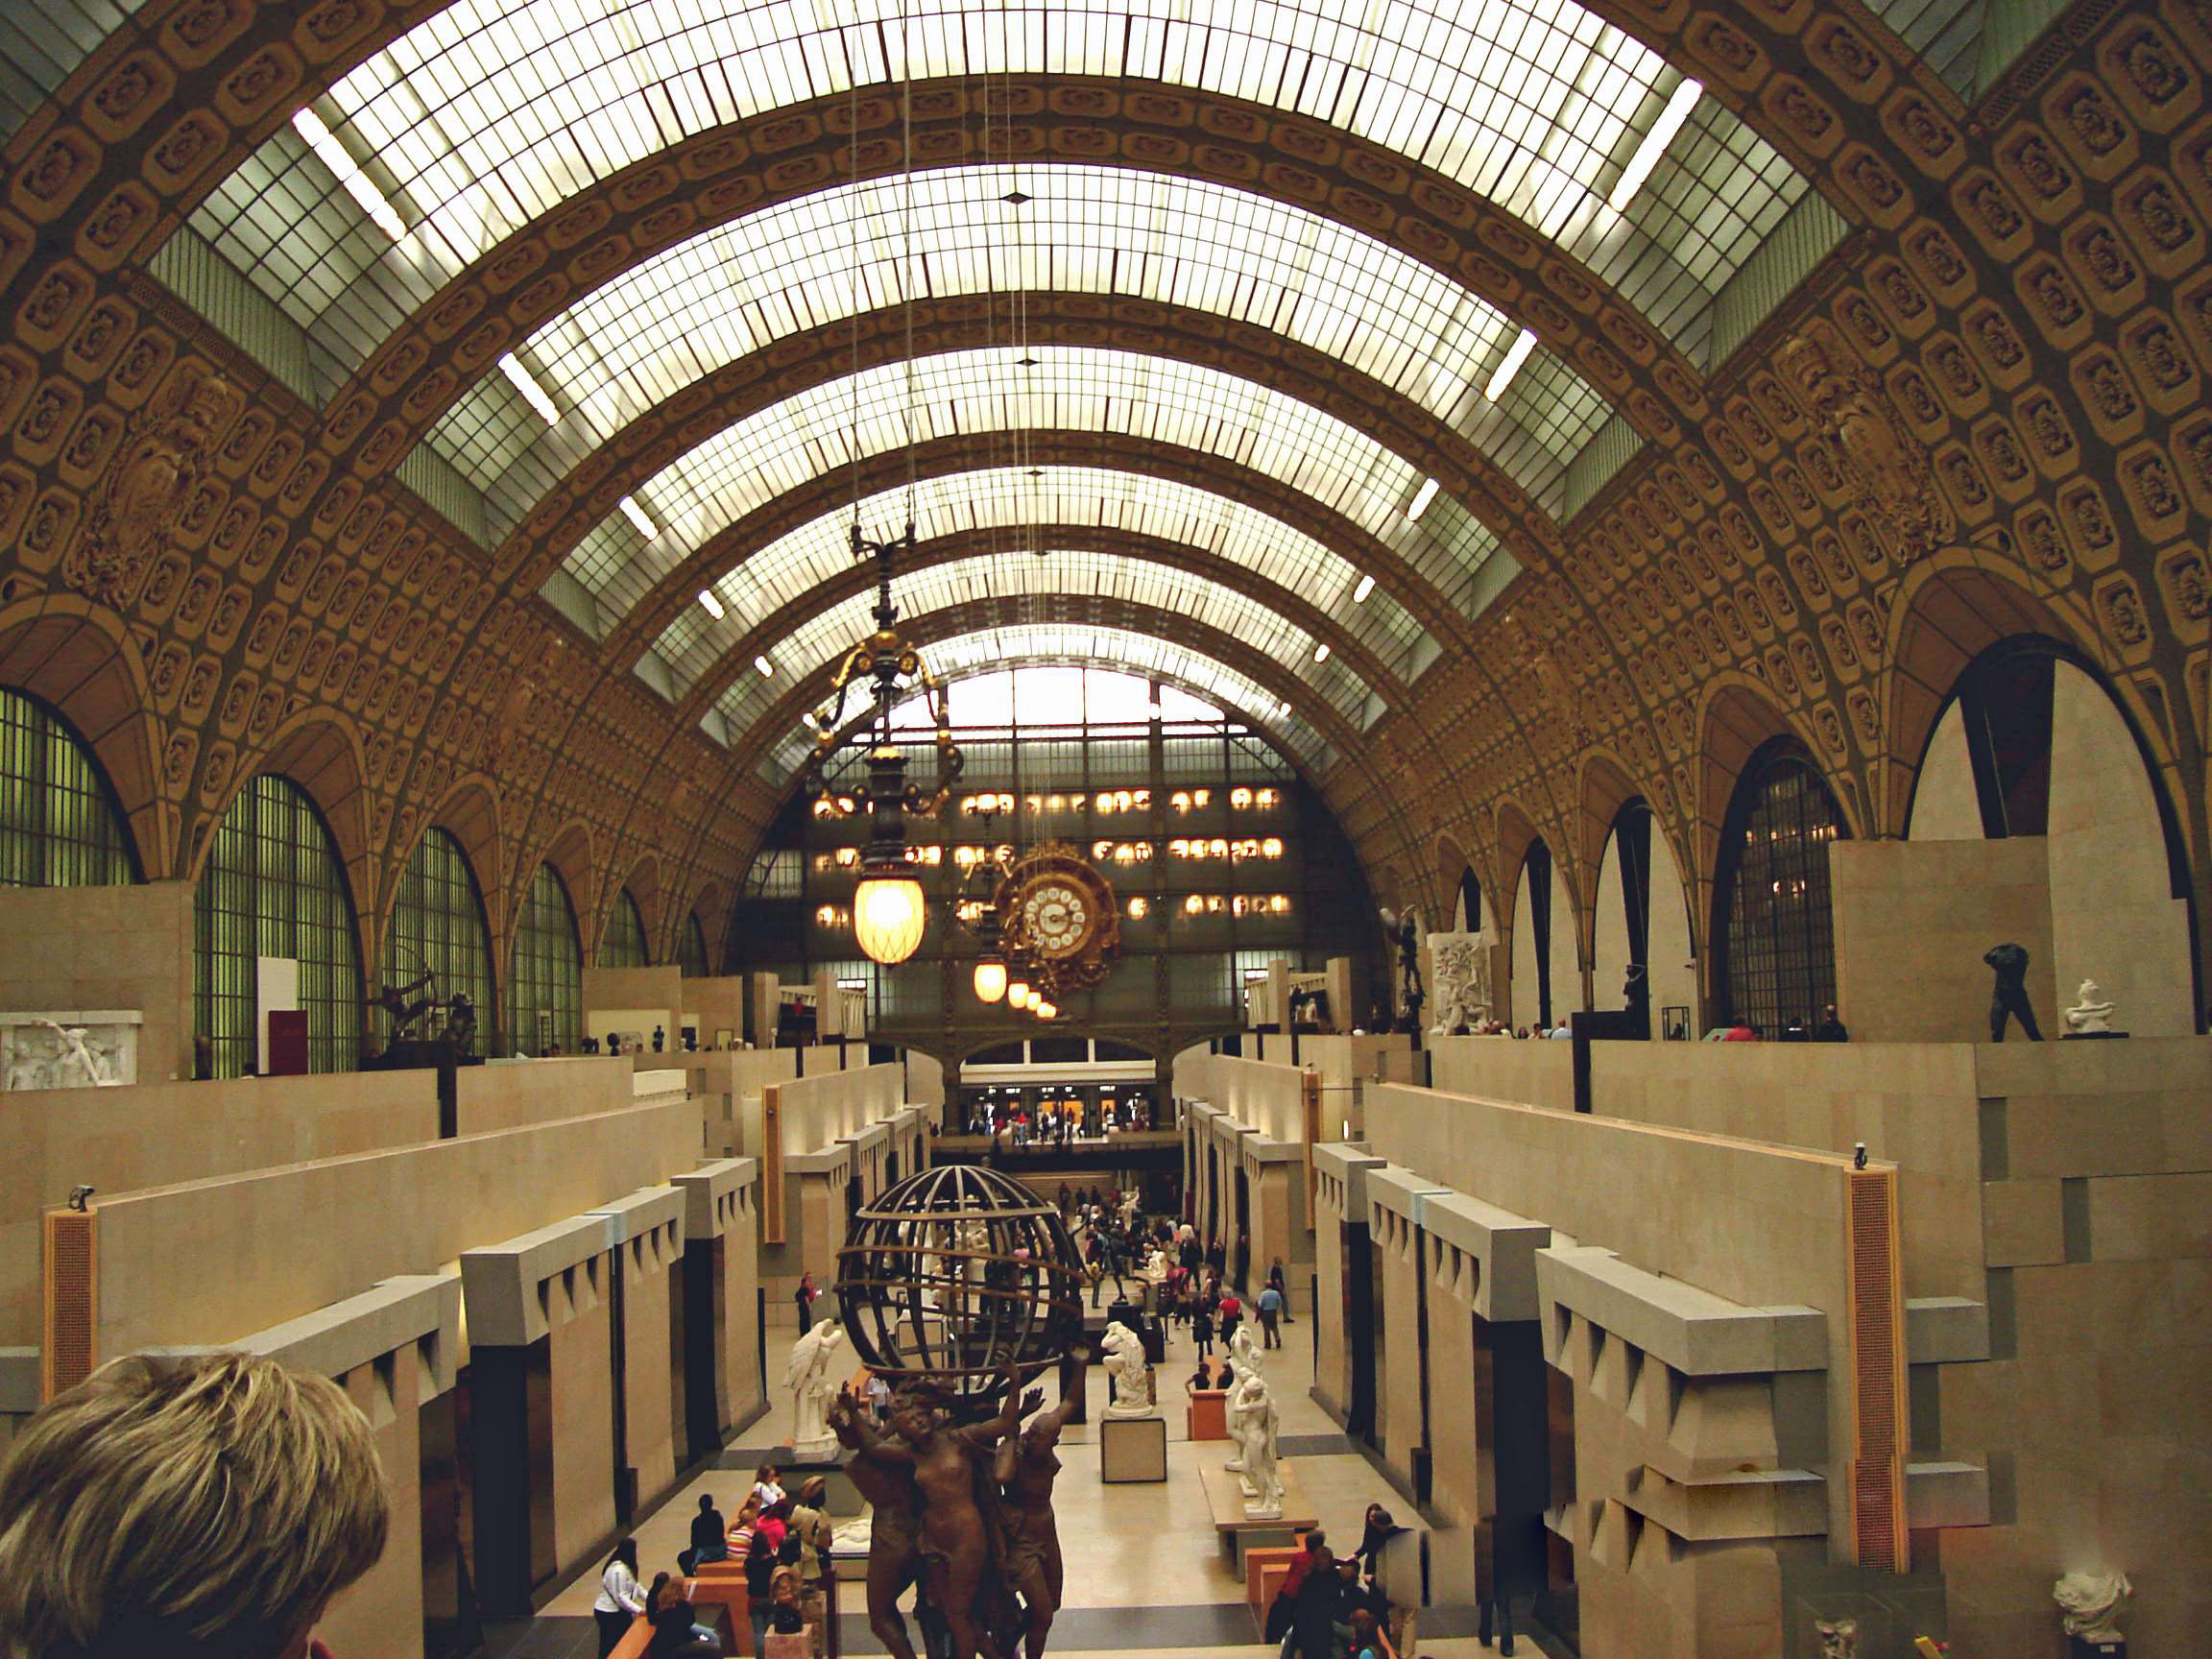 Musee Dorsay - Paris, France